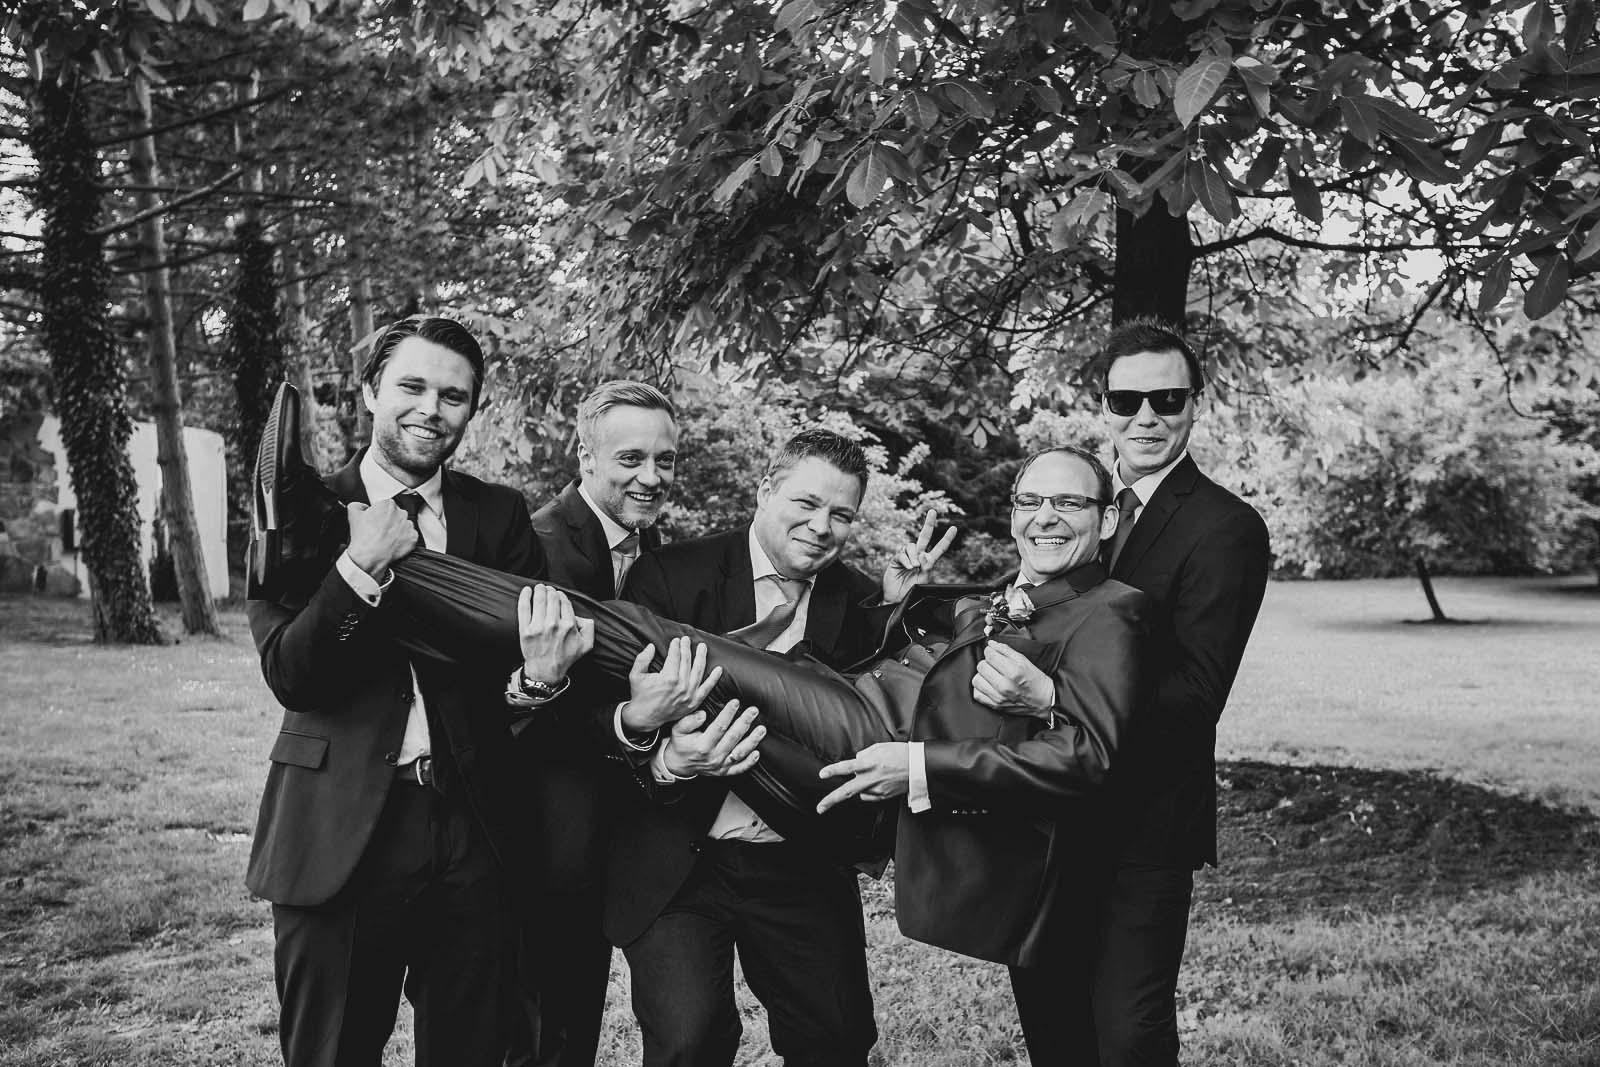 Gruppenfoto mit Braeutigam auf einem Hochzeitsfoto vom professionellem Fotografen Copyright by Hochzeitsfotograf www.berliner-hochzeitsfotografie.de